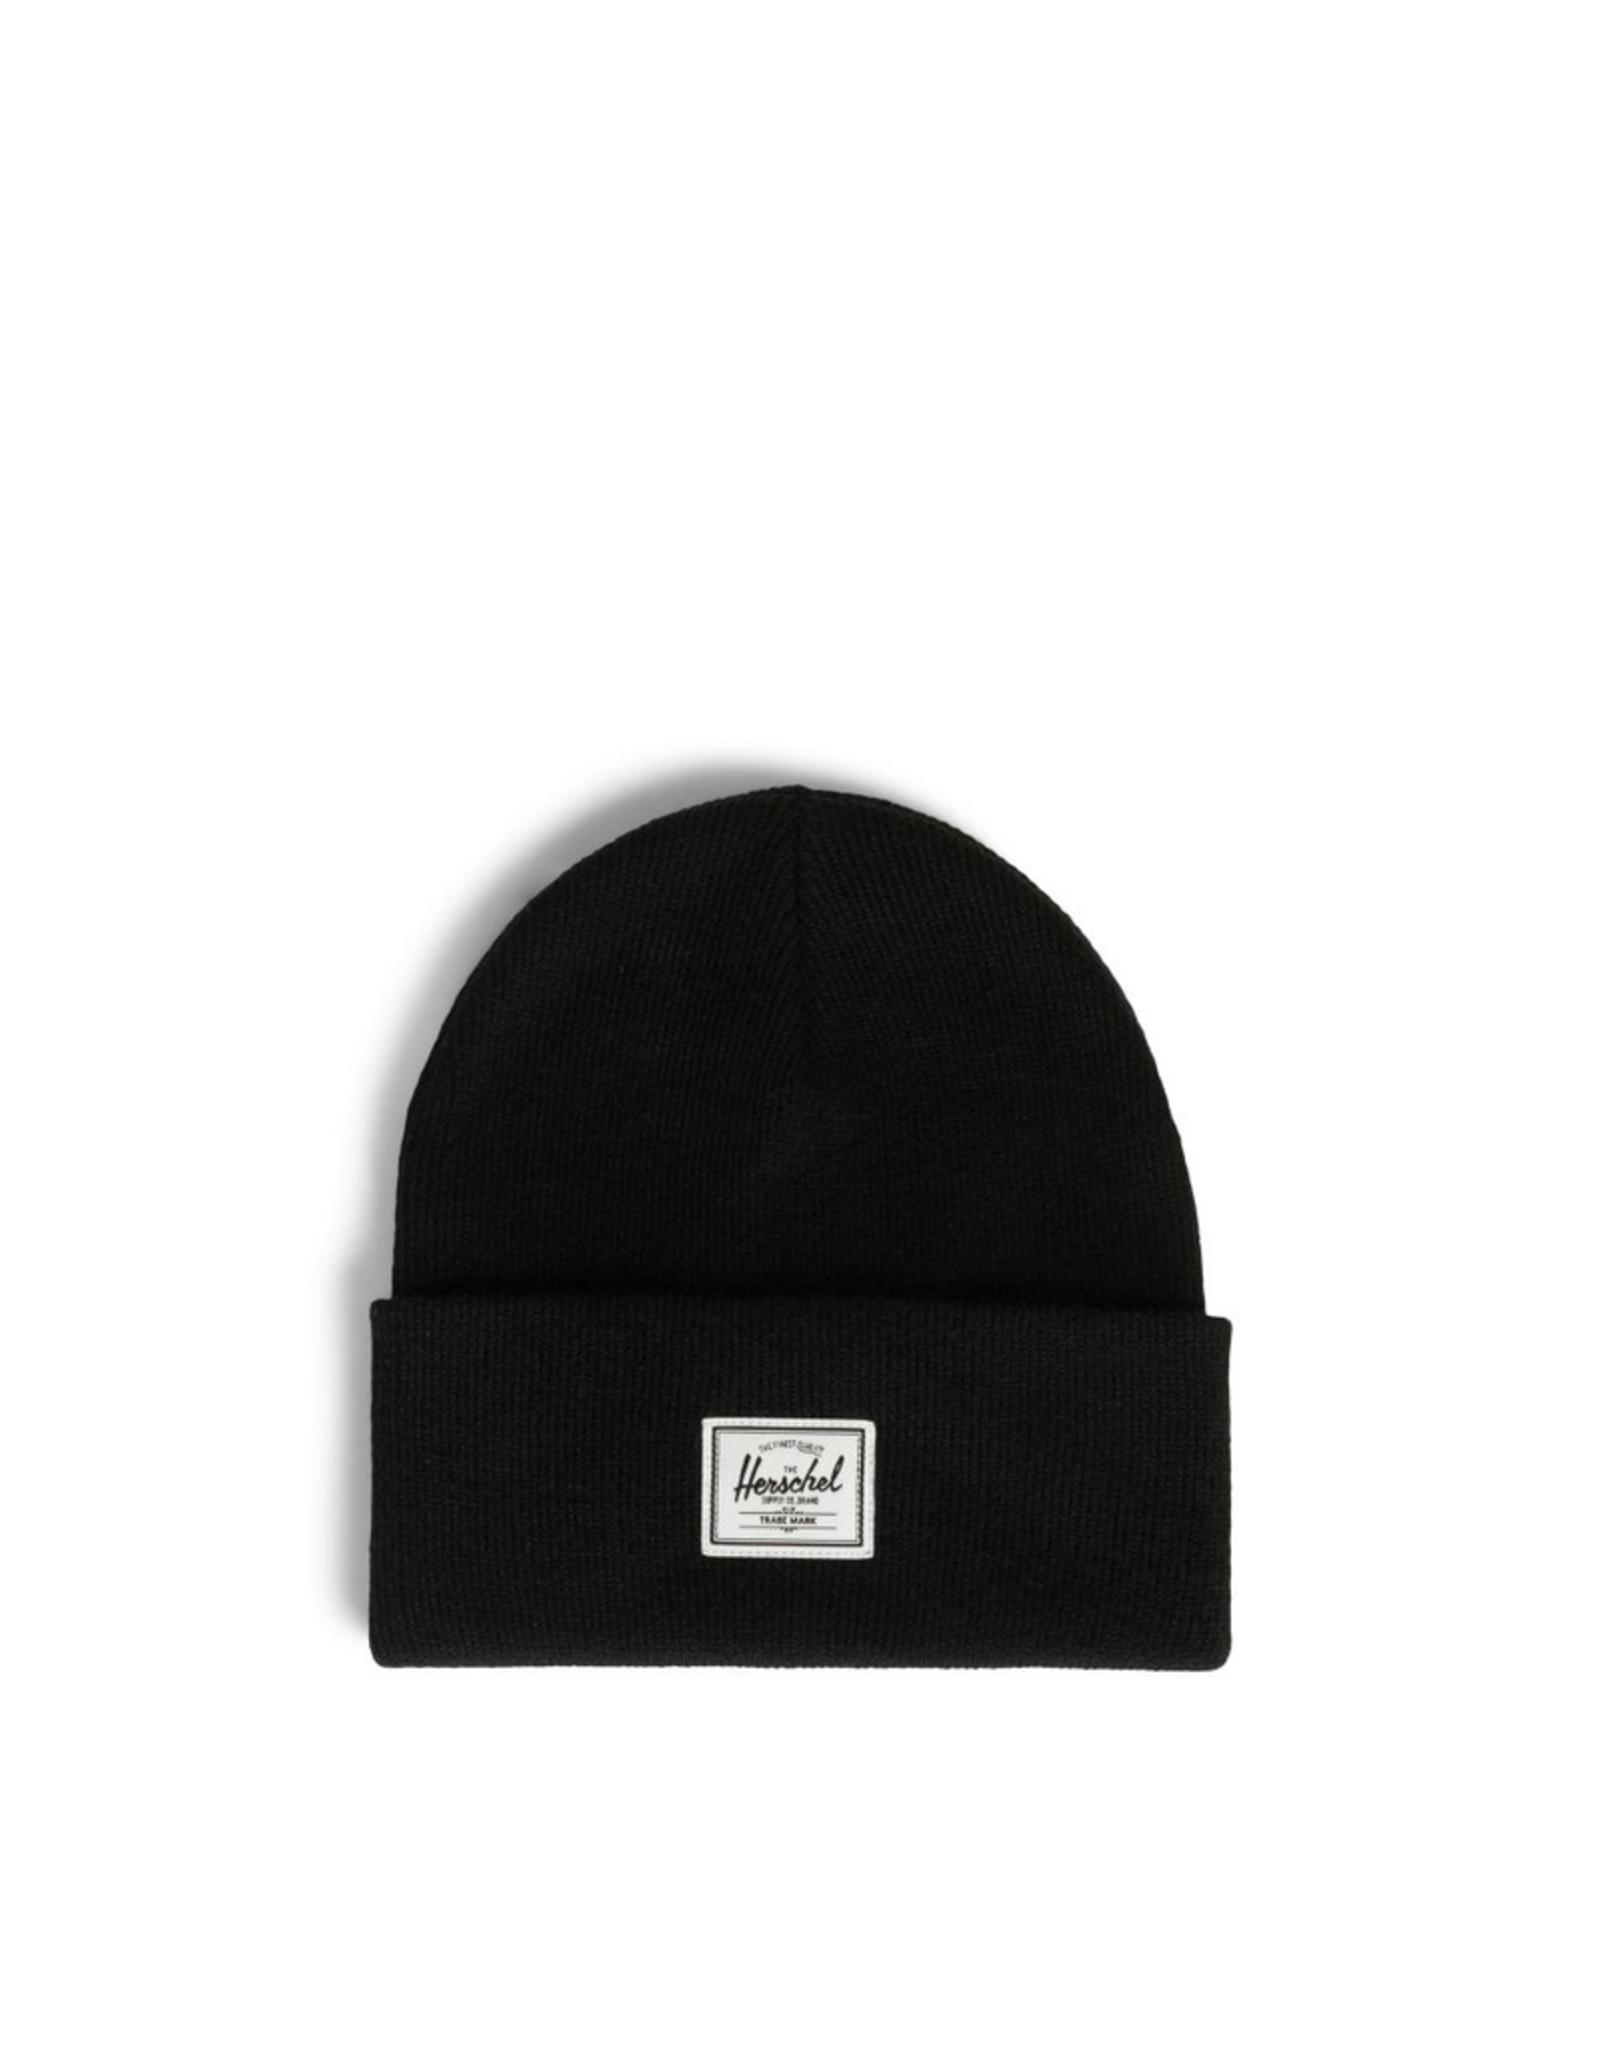 Herschel Supply Co. Elmer Beanie | in Black